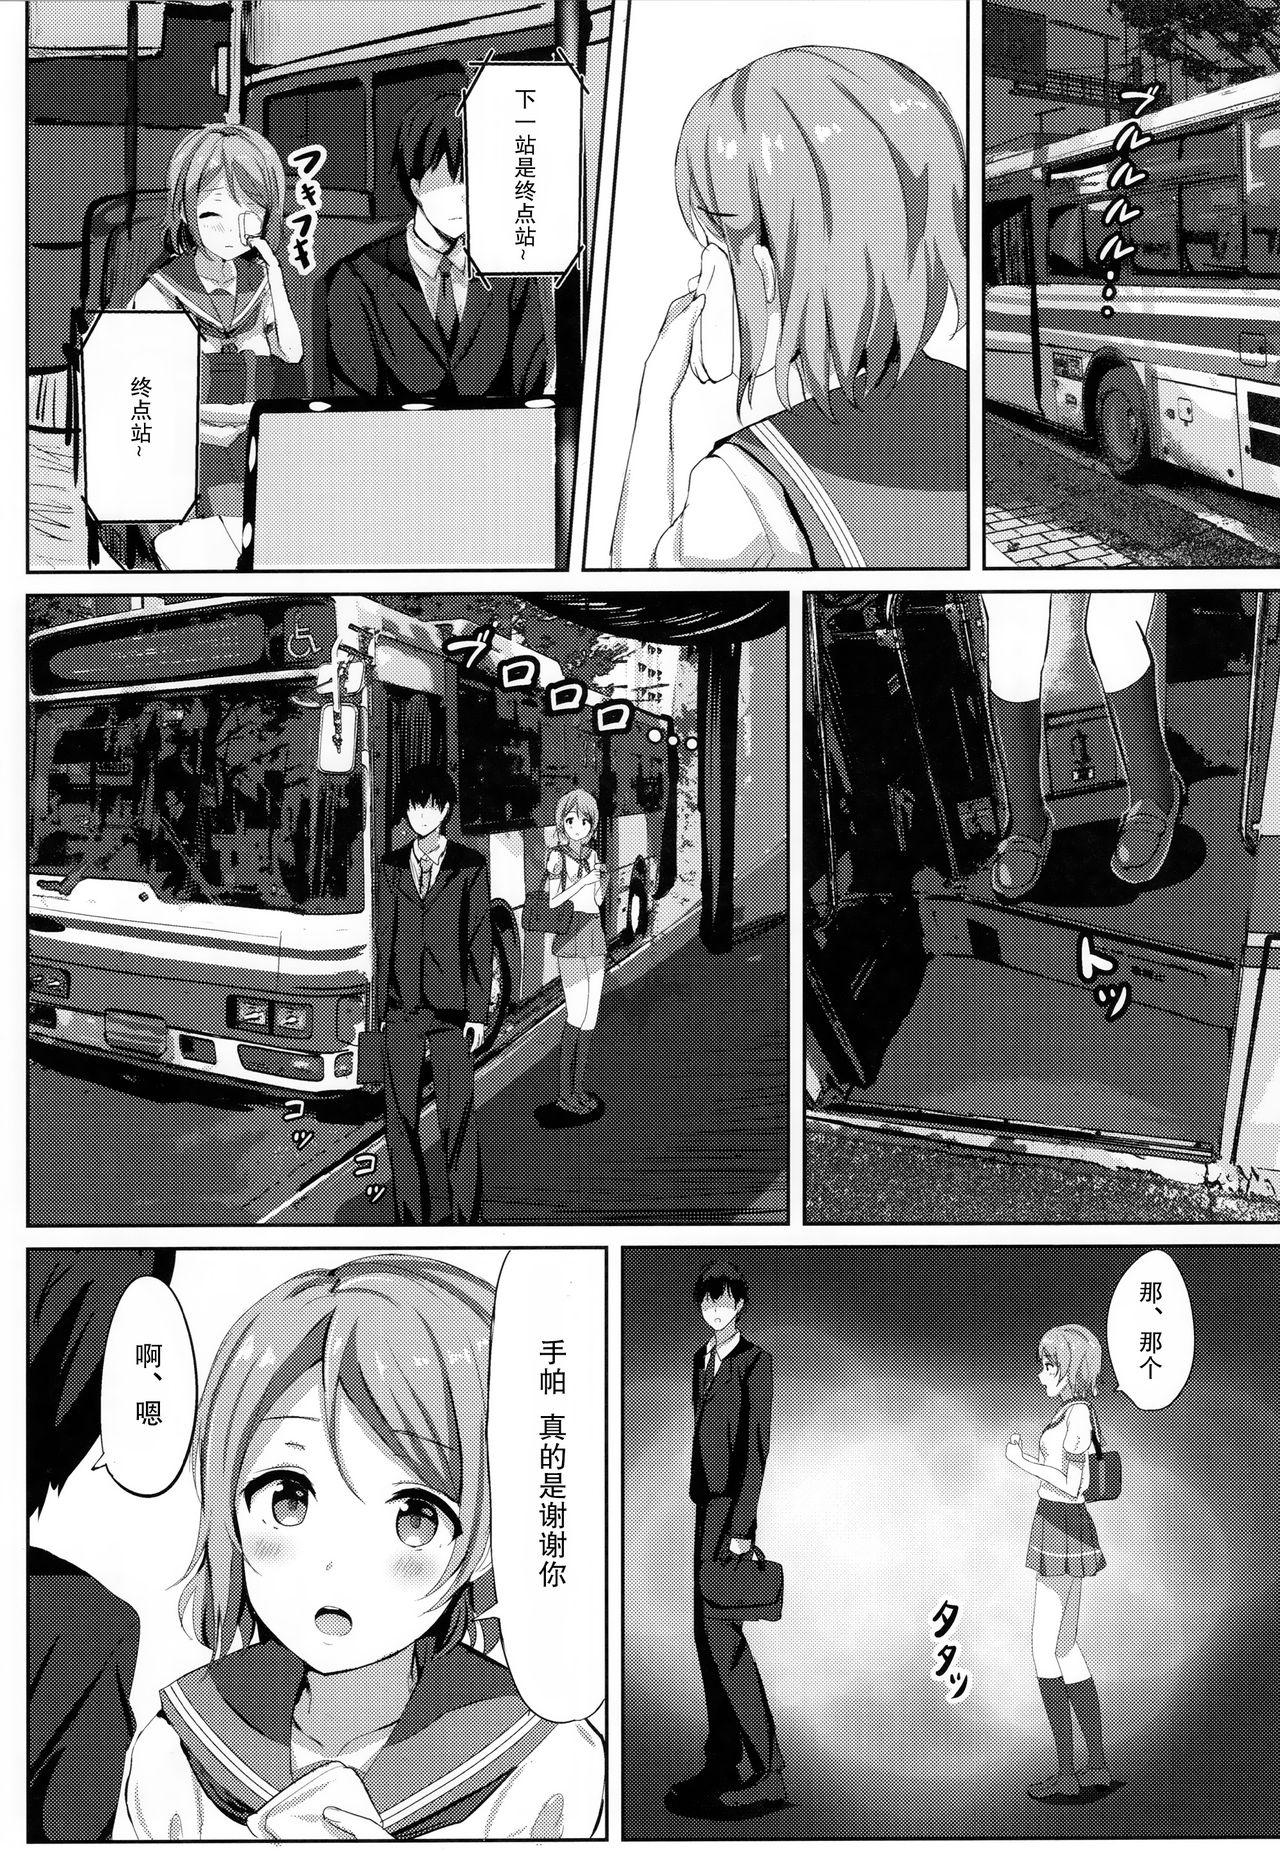 Ichiya no shitto youbi 8